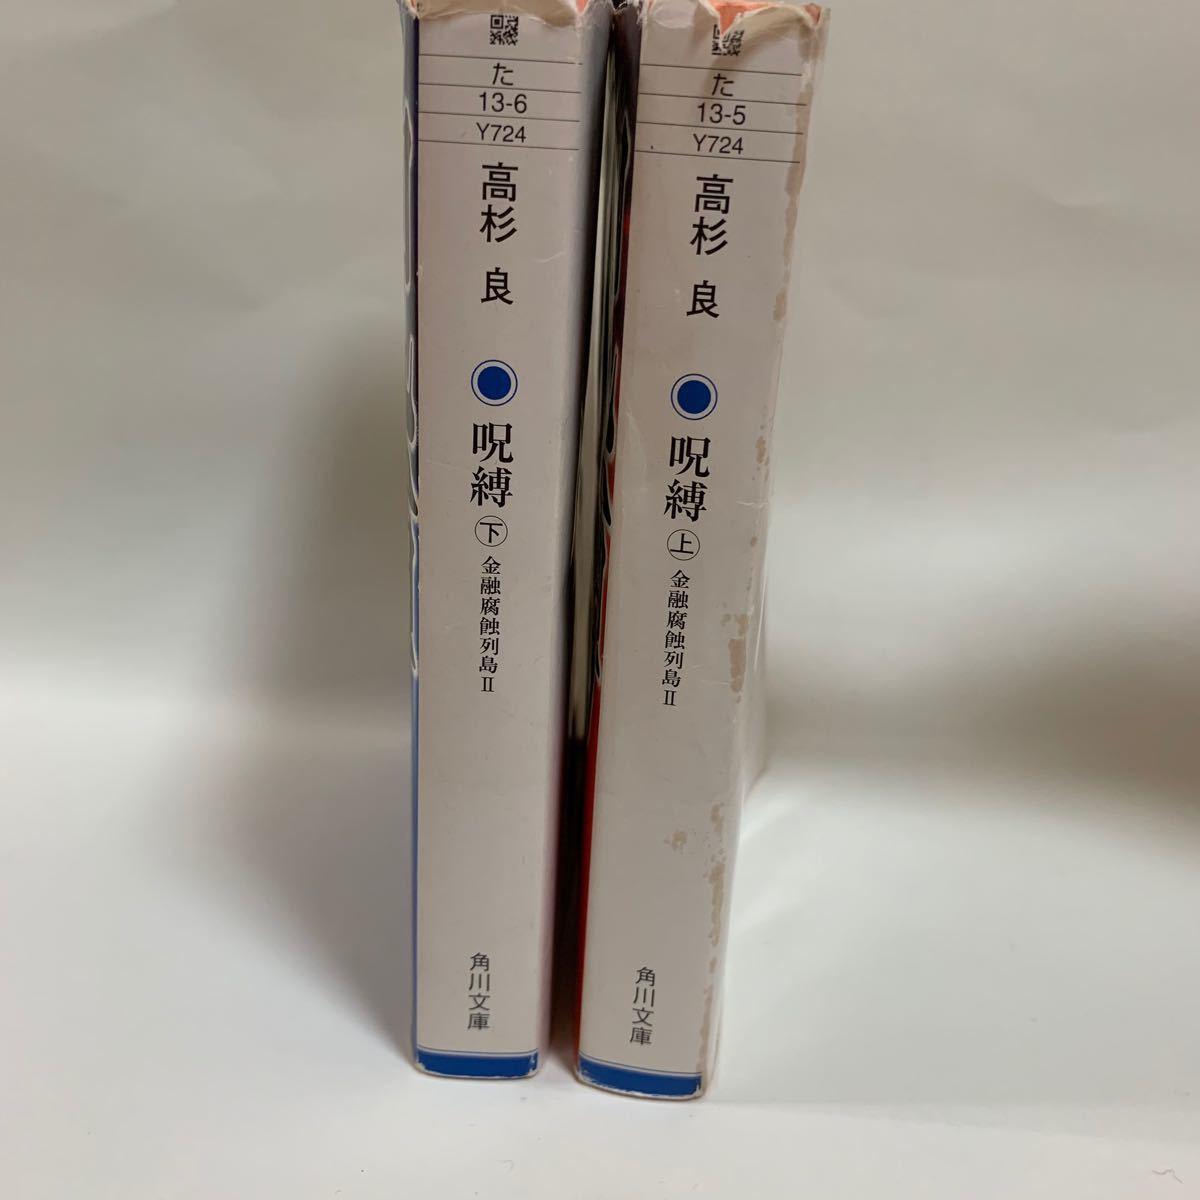 呪縛 金融腐蝕列島 2 上下 文庫本